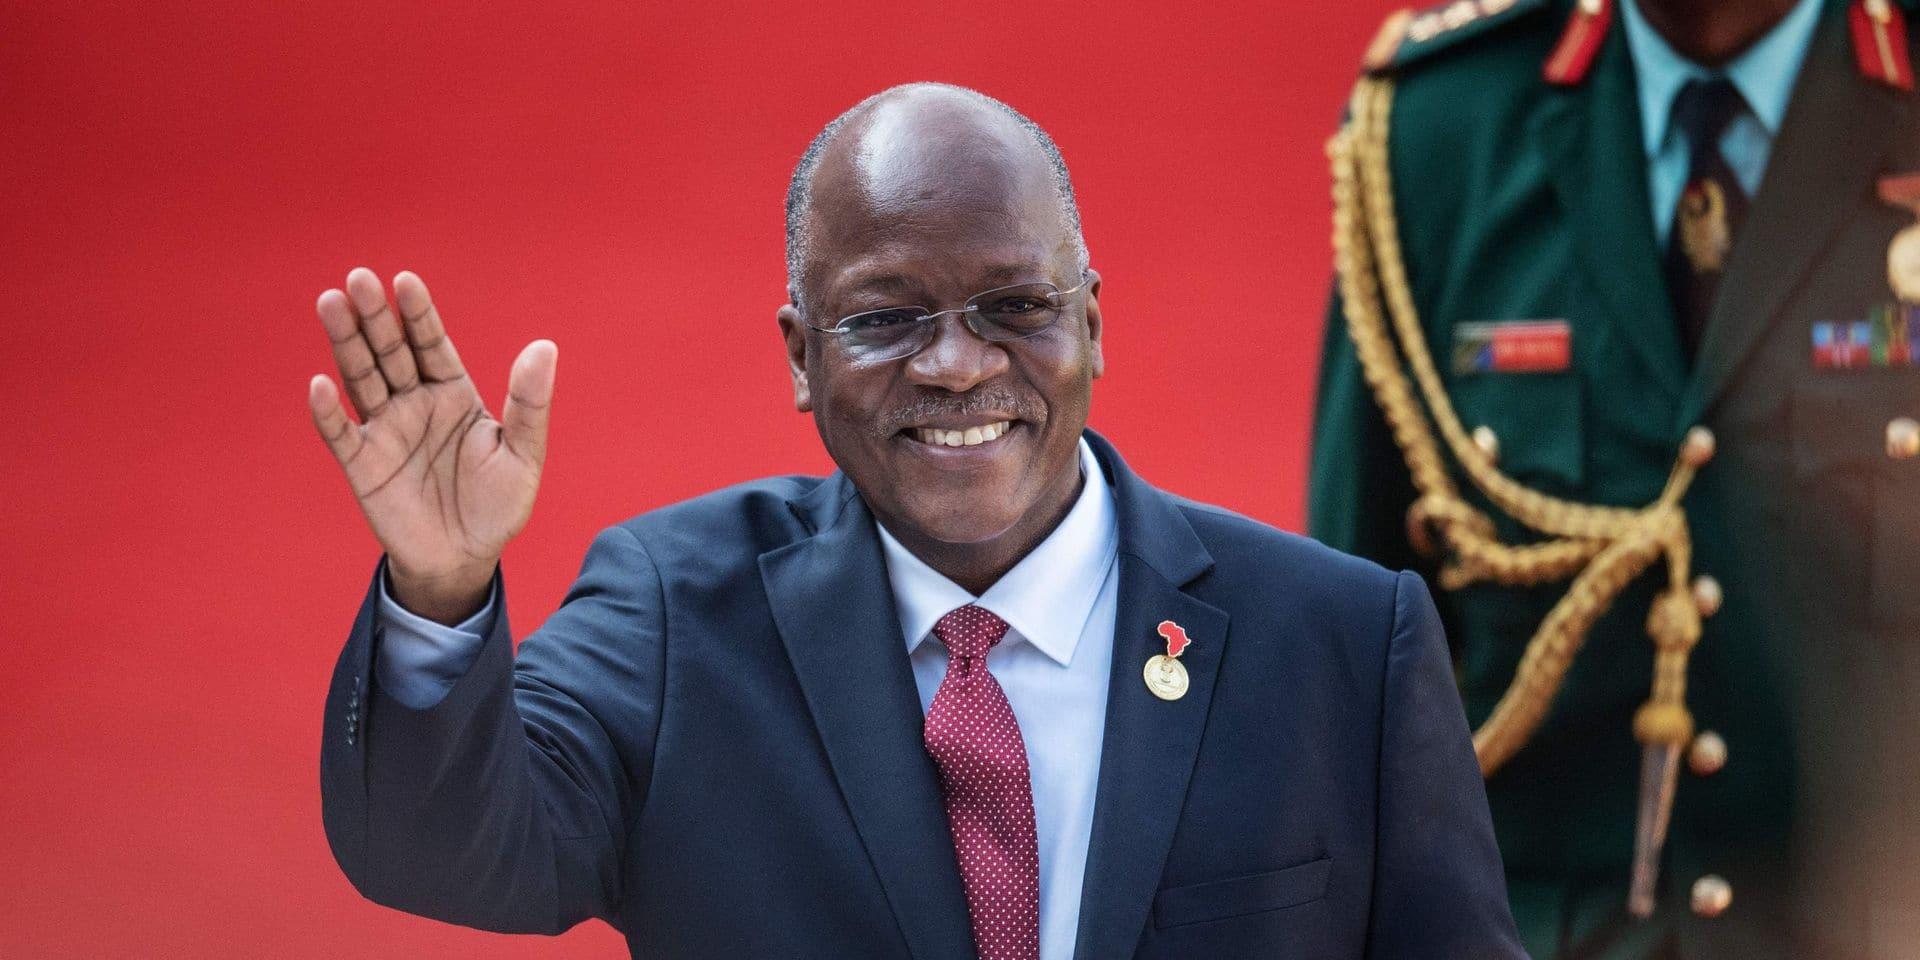 Après deux semaines d'absence inexpliquée, le président tanzanien est décédé